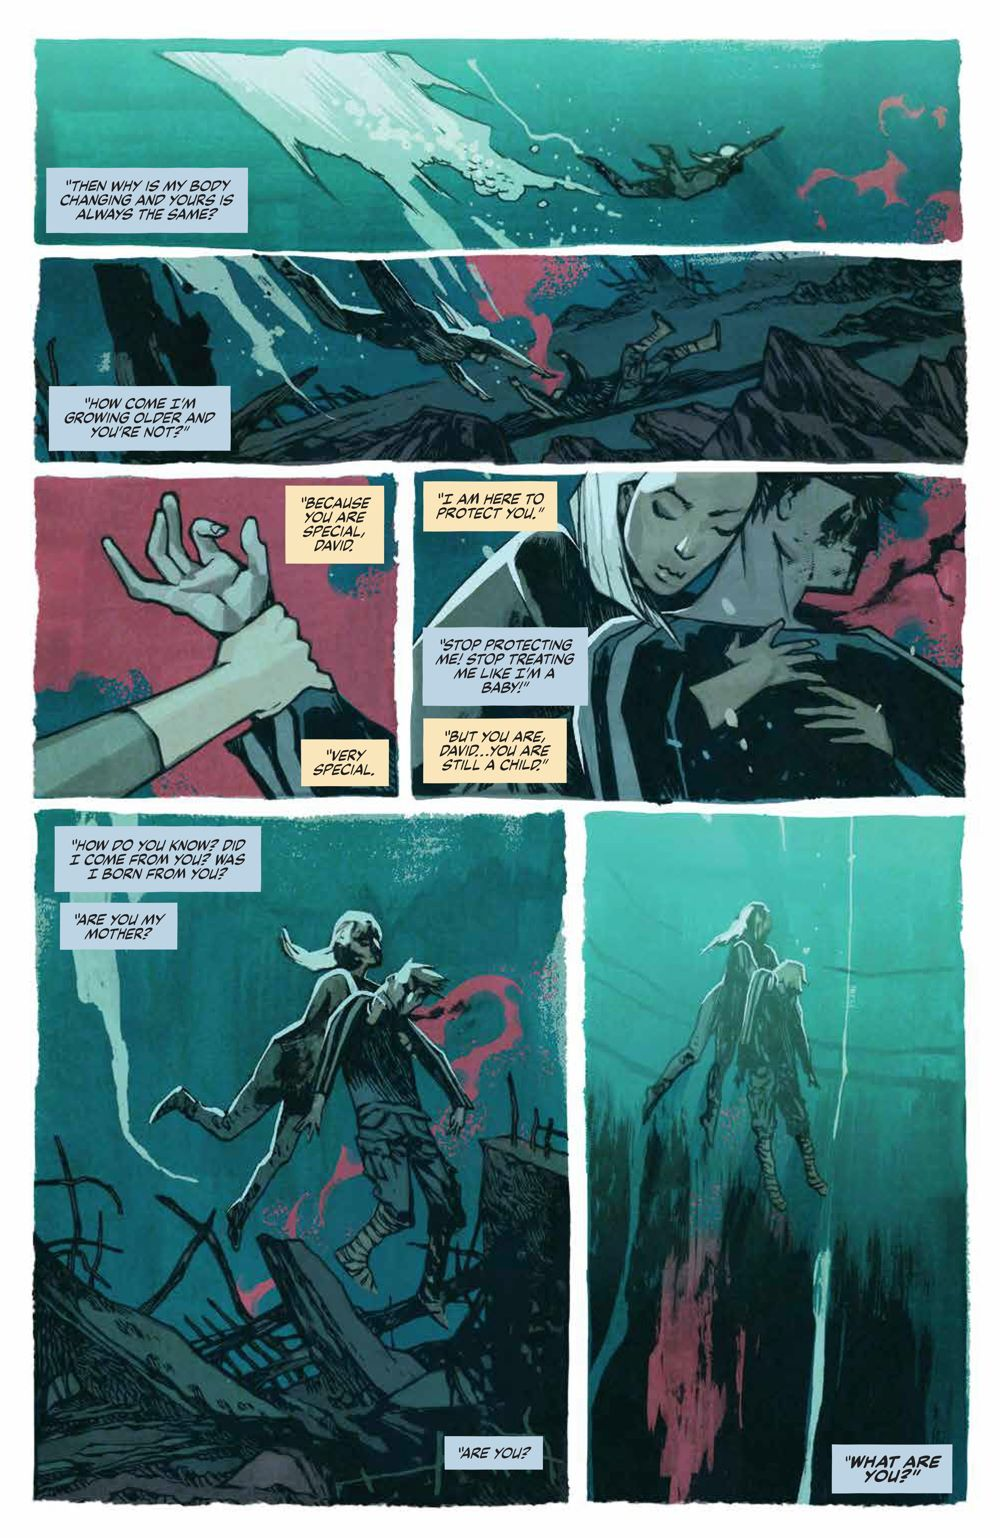 Origins_003_PRESS_5 ComicList Previews: ORIGINS #3 (OF 6)